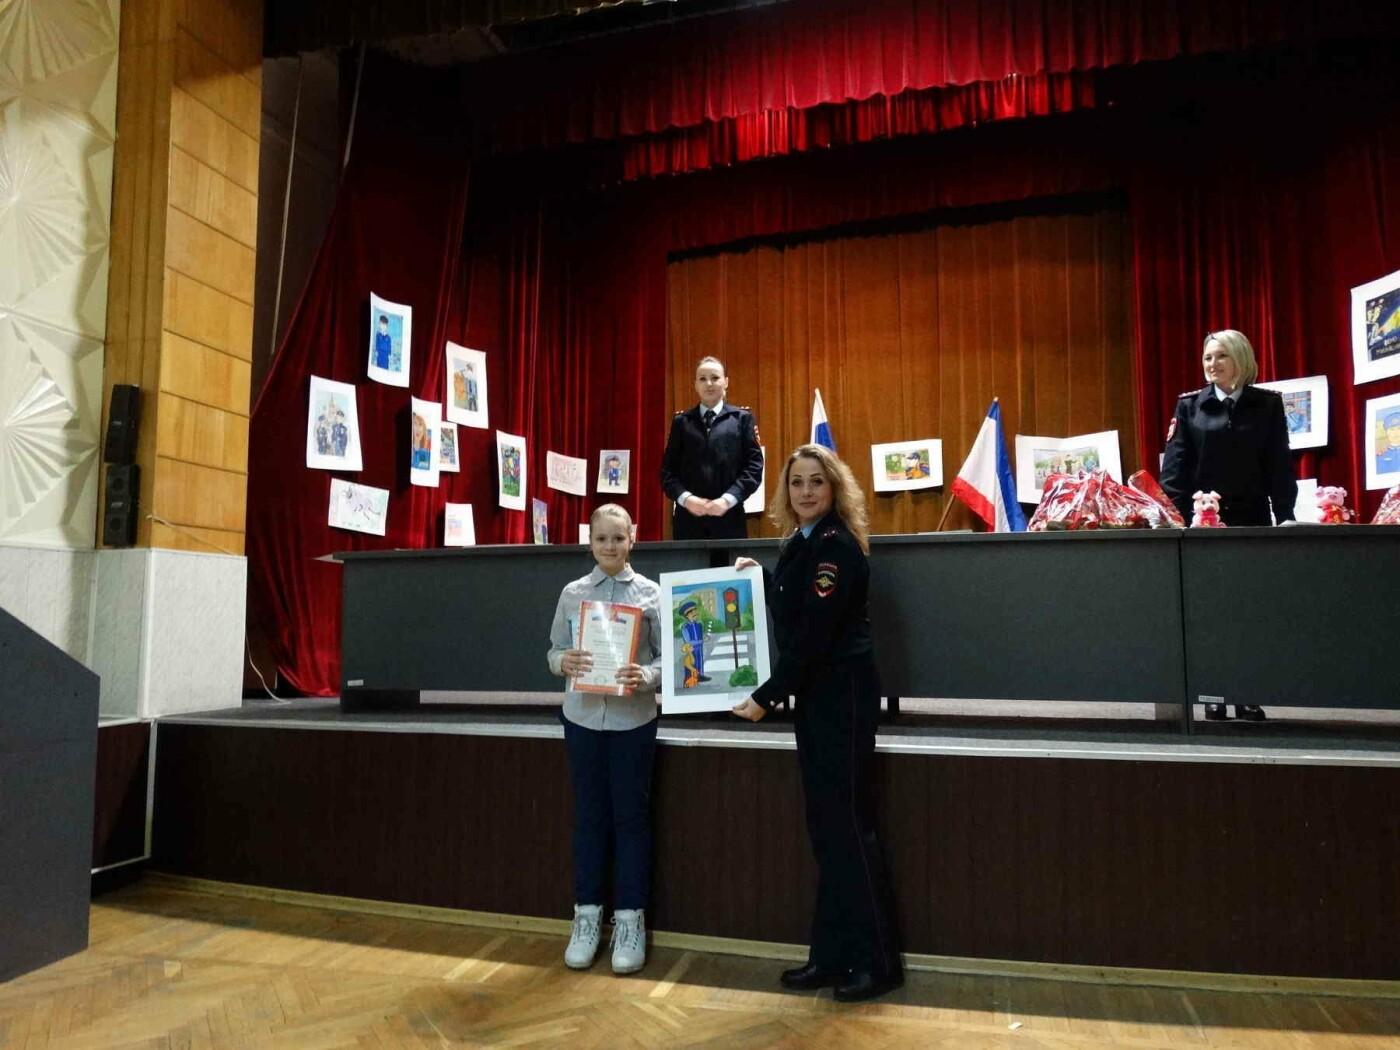 В Ялте полицейские наградили детей  за творческие работы , фото-2